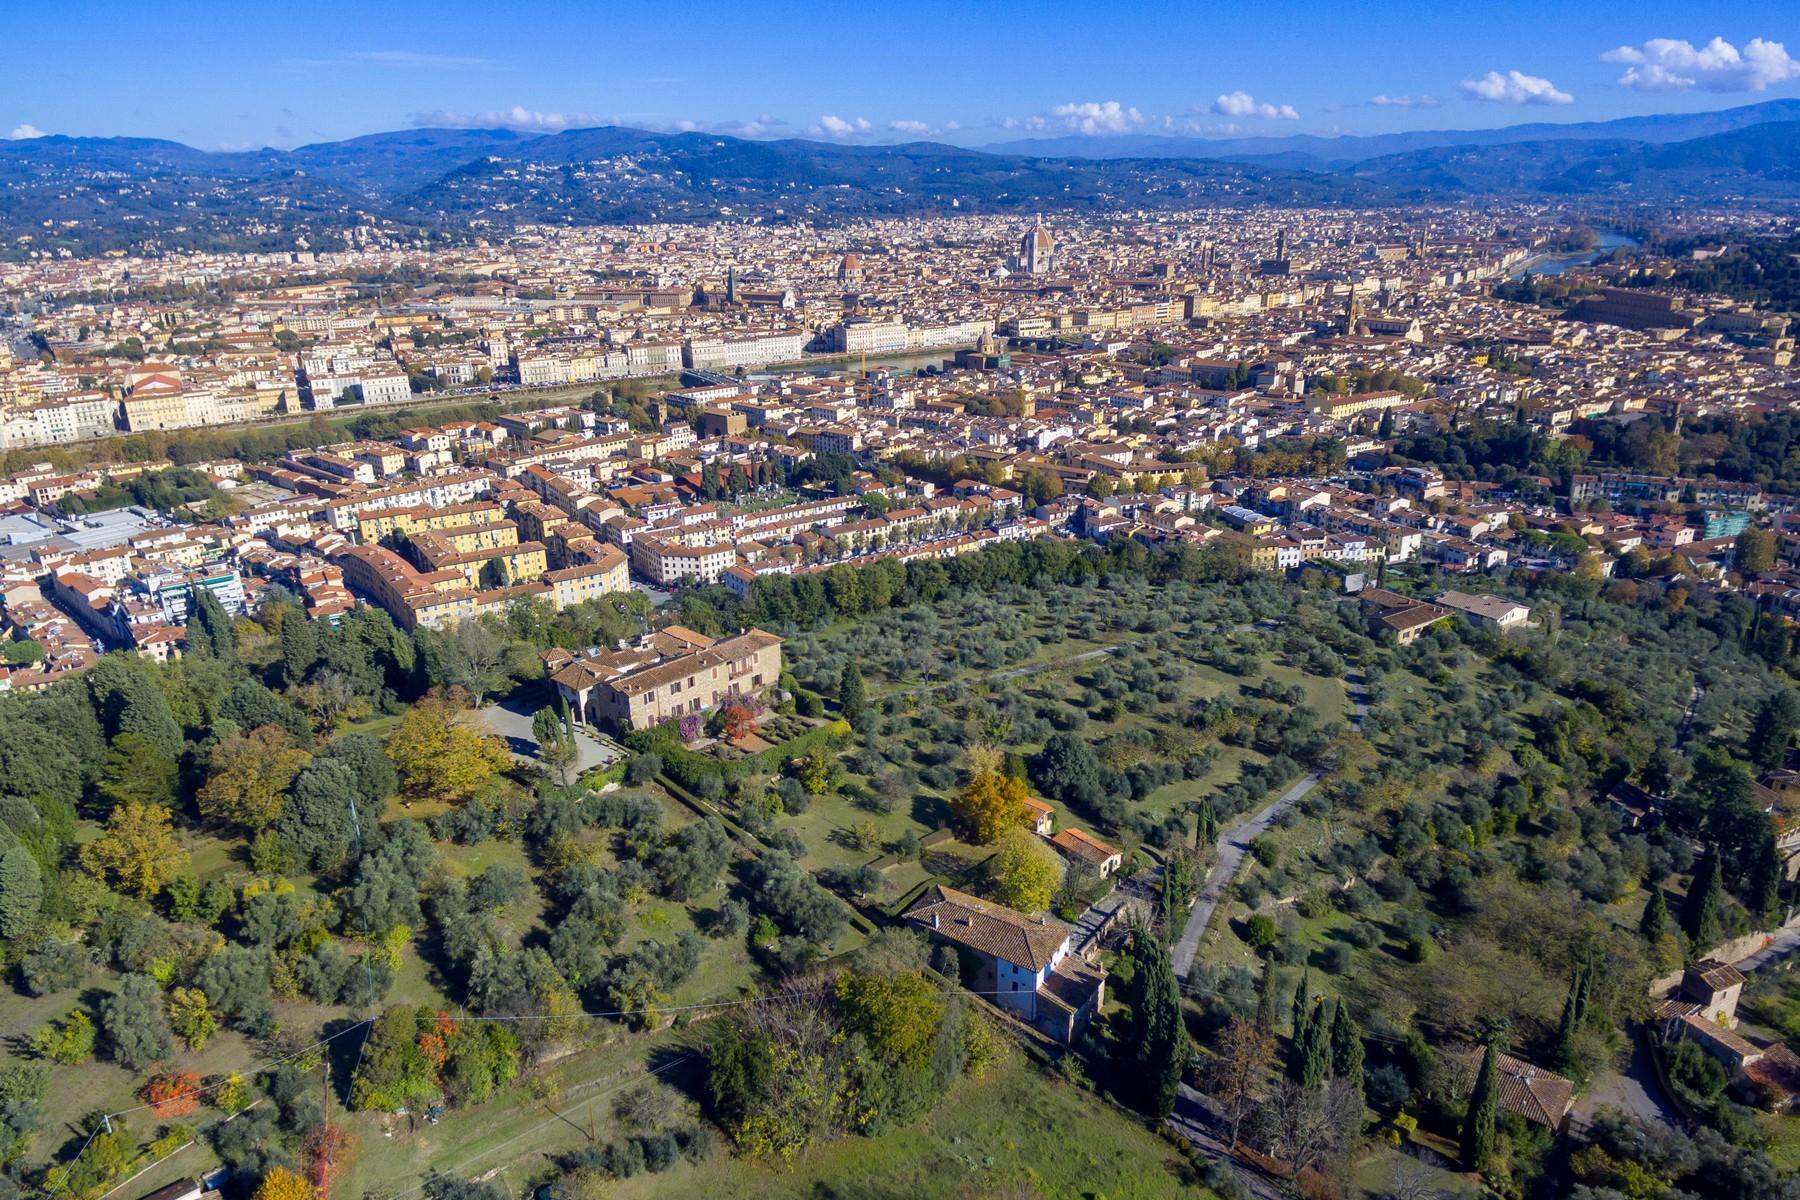 Wunderschöne Immobilien mit atemberaubendem Blick auf Florenz - 37